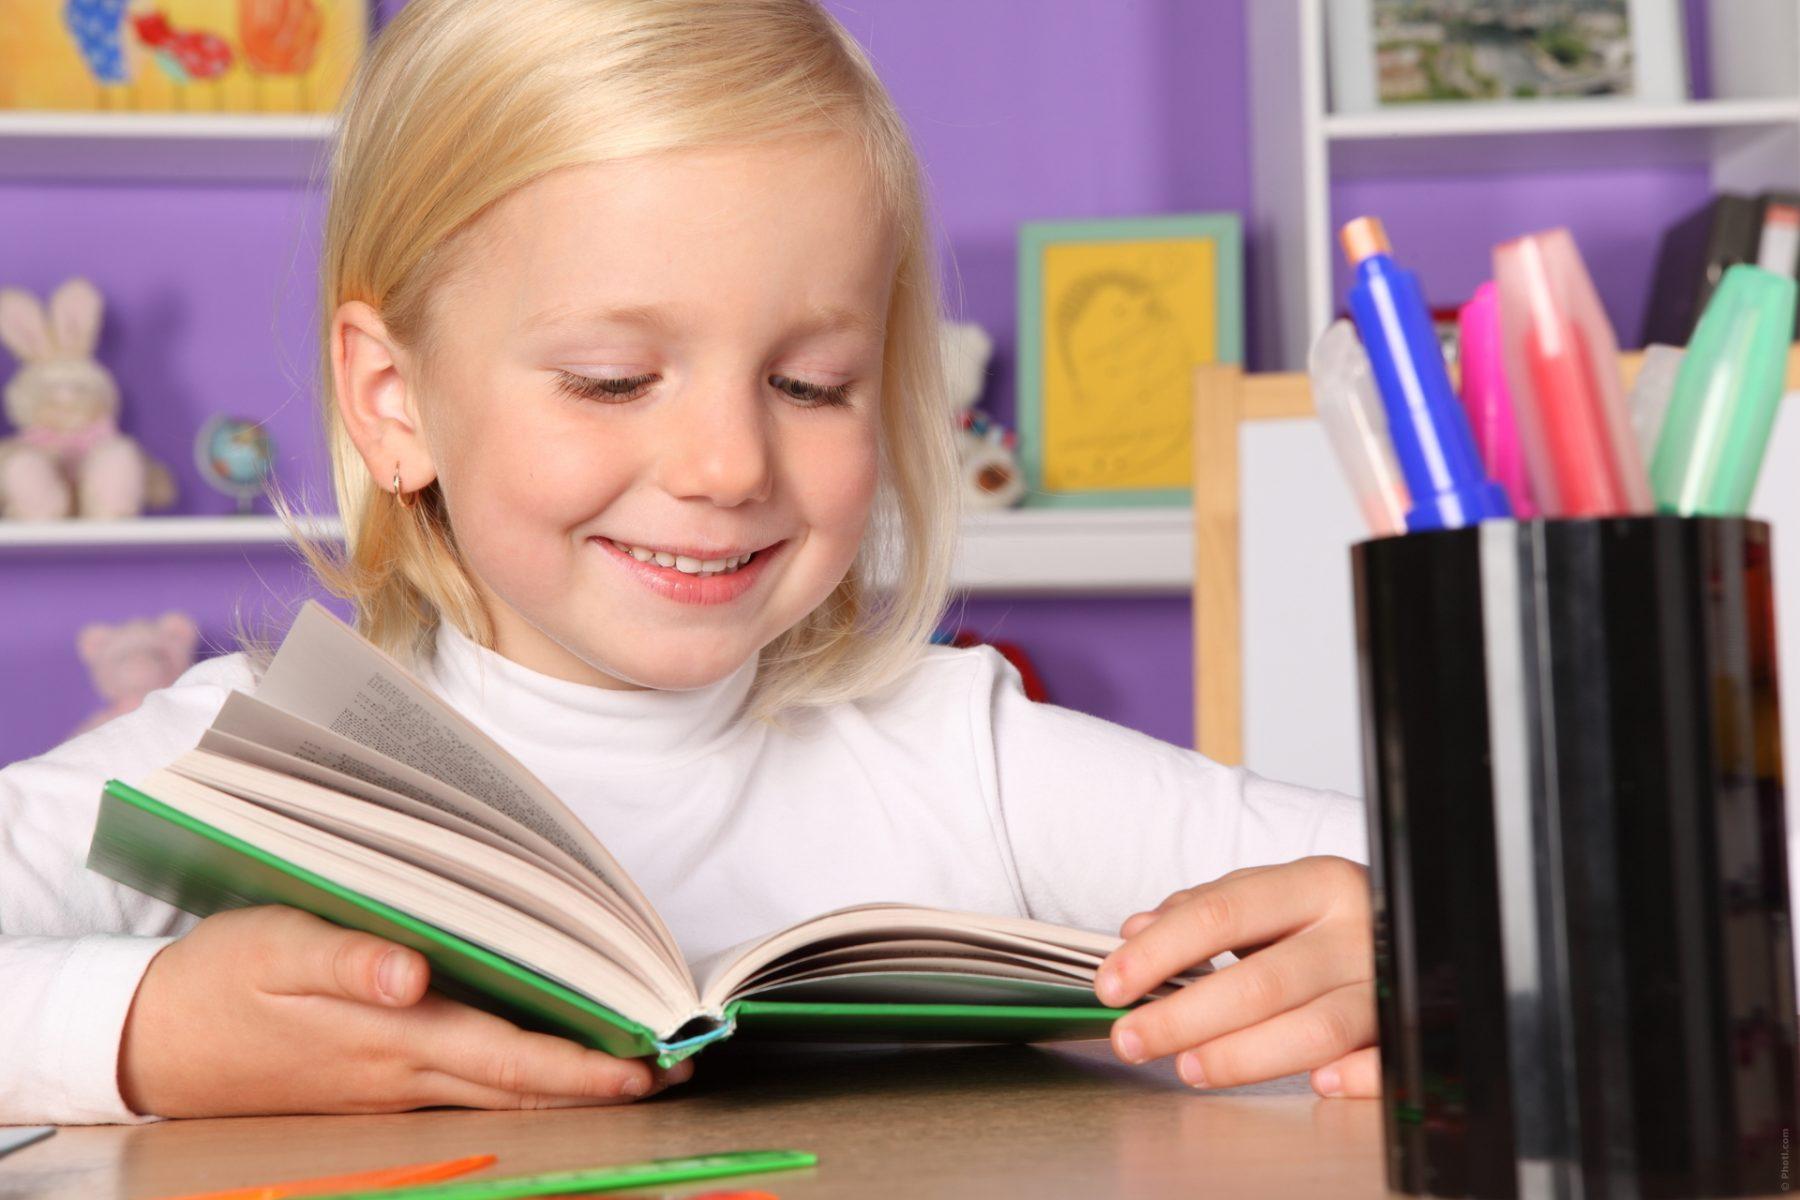 Crianças Leitura Livros